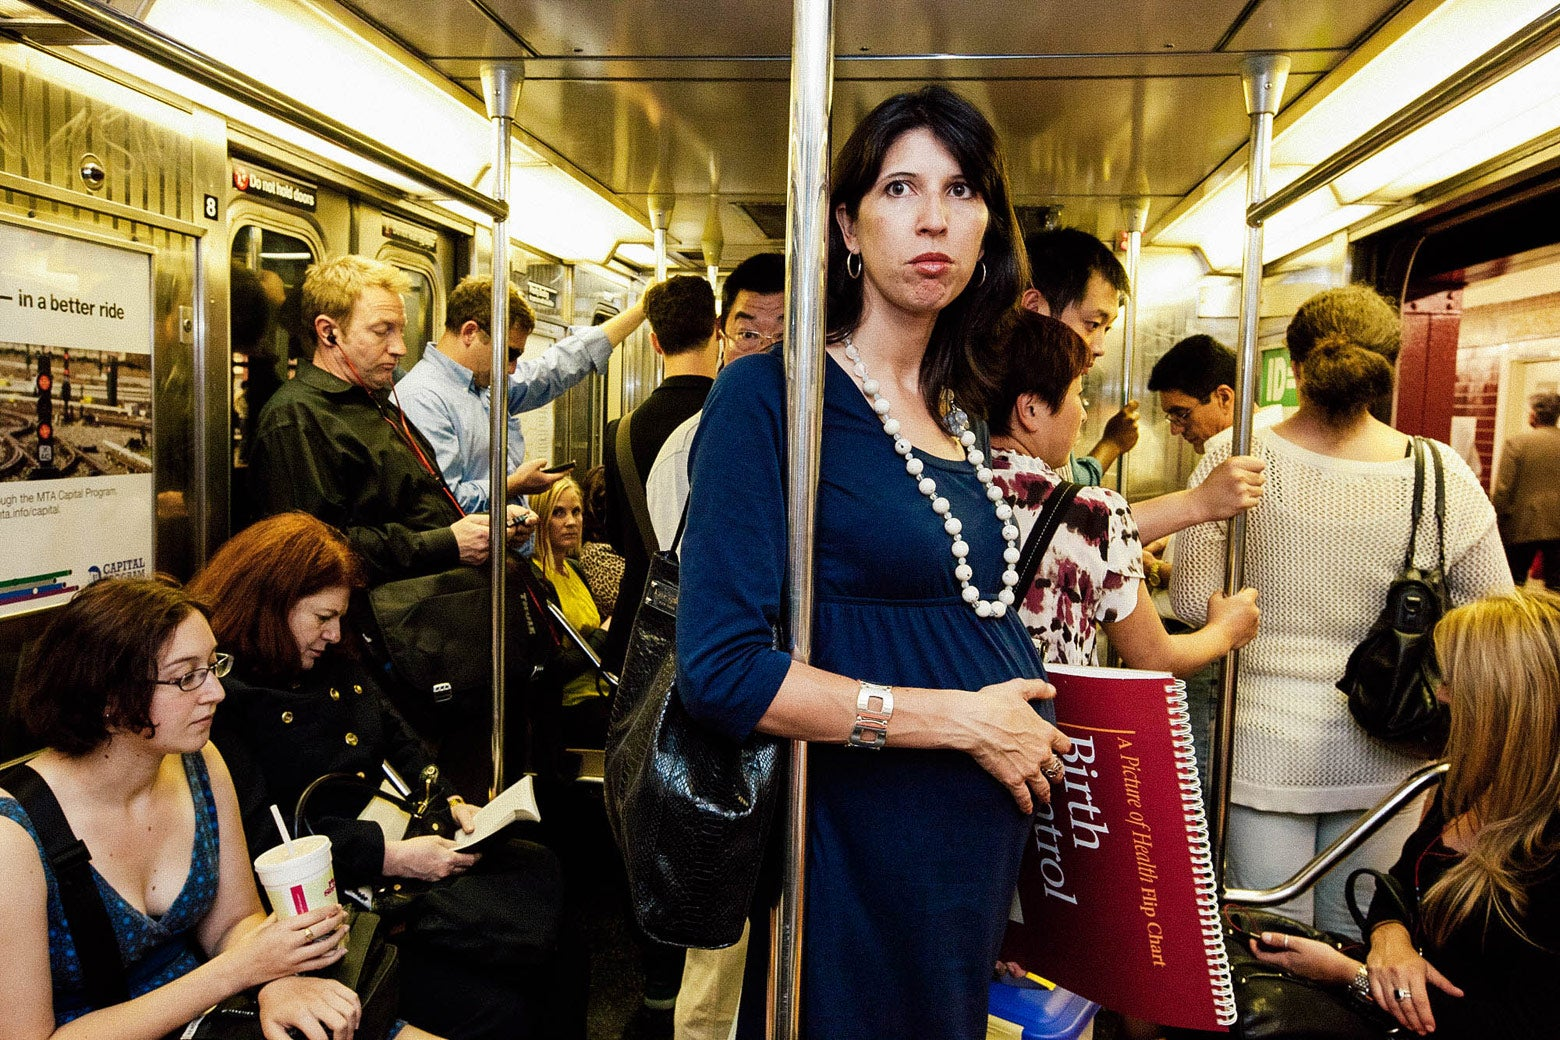 Amanda rides the subway.